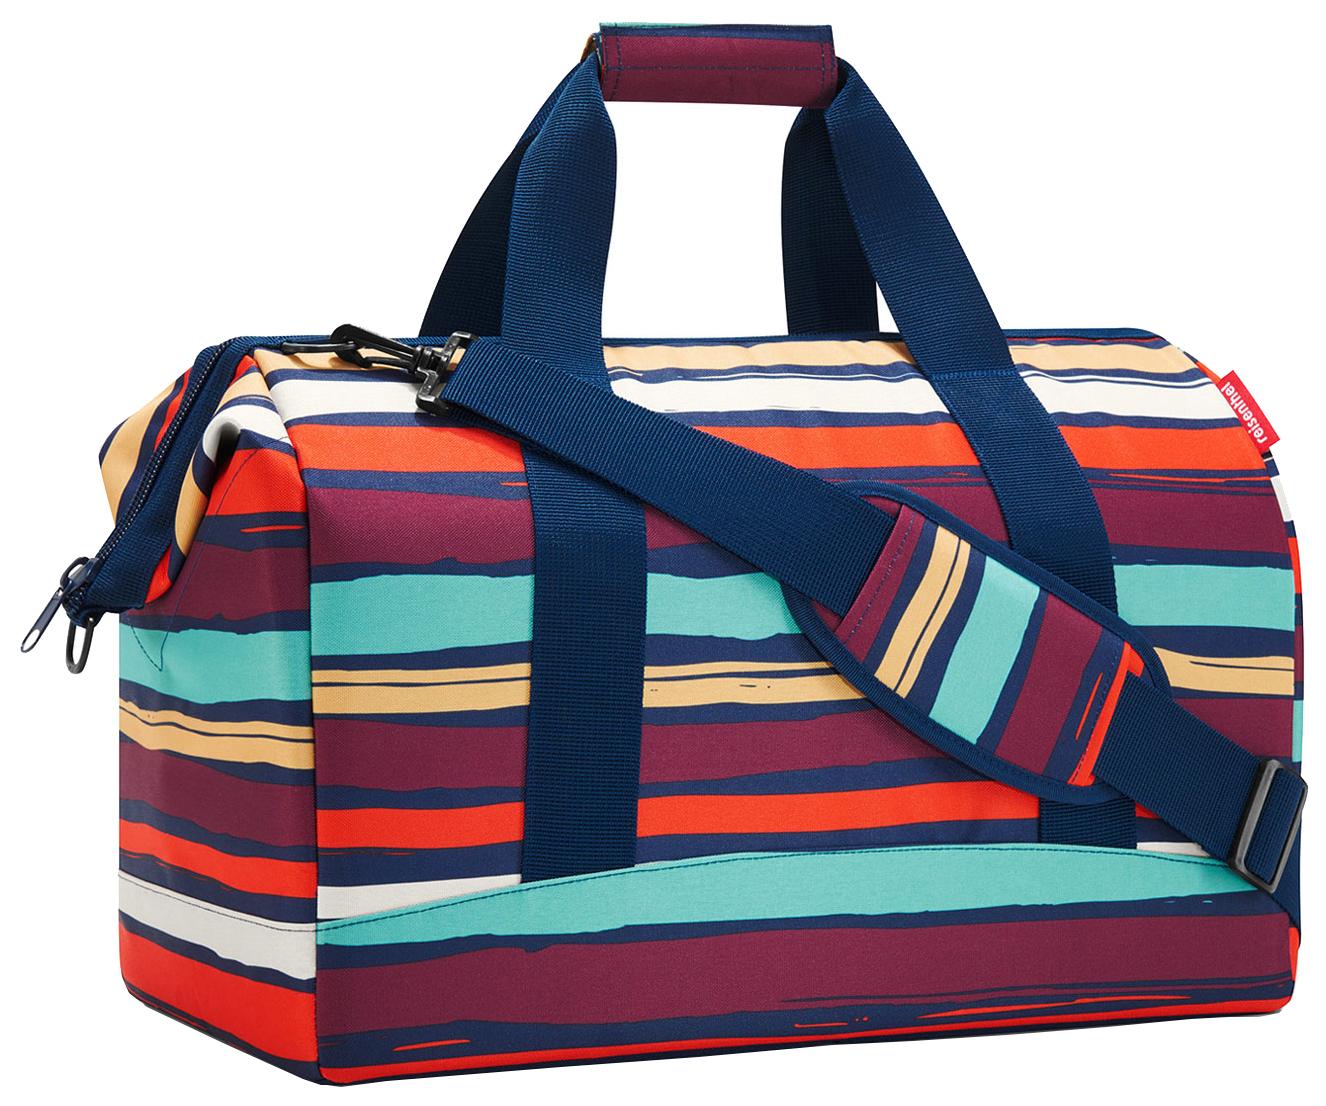 Дорожная сумка Reisenthel Allrounder Artist Stripes 48 x 29 x 39,5 фото